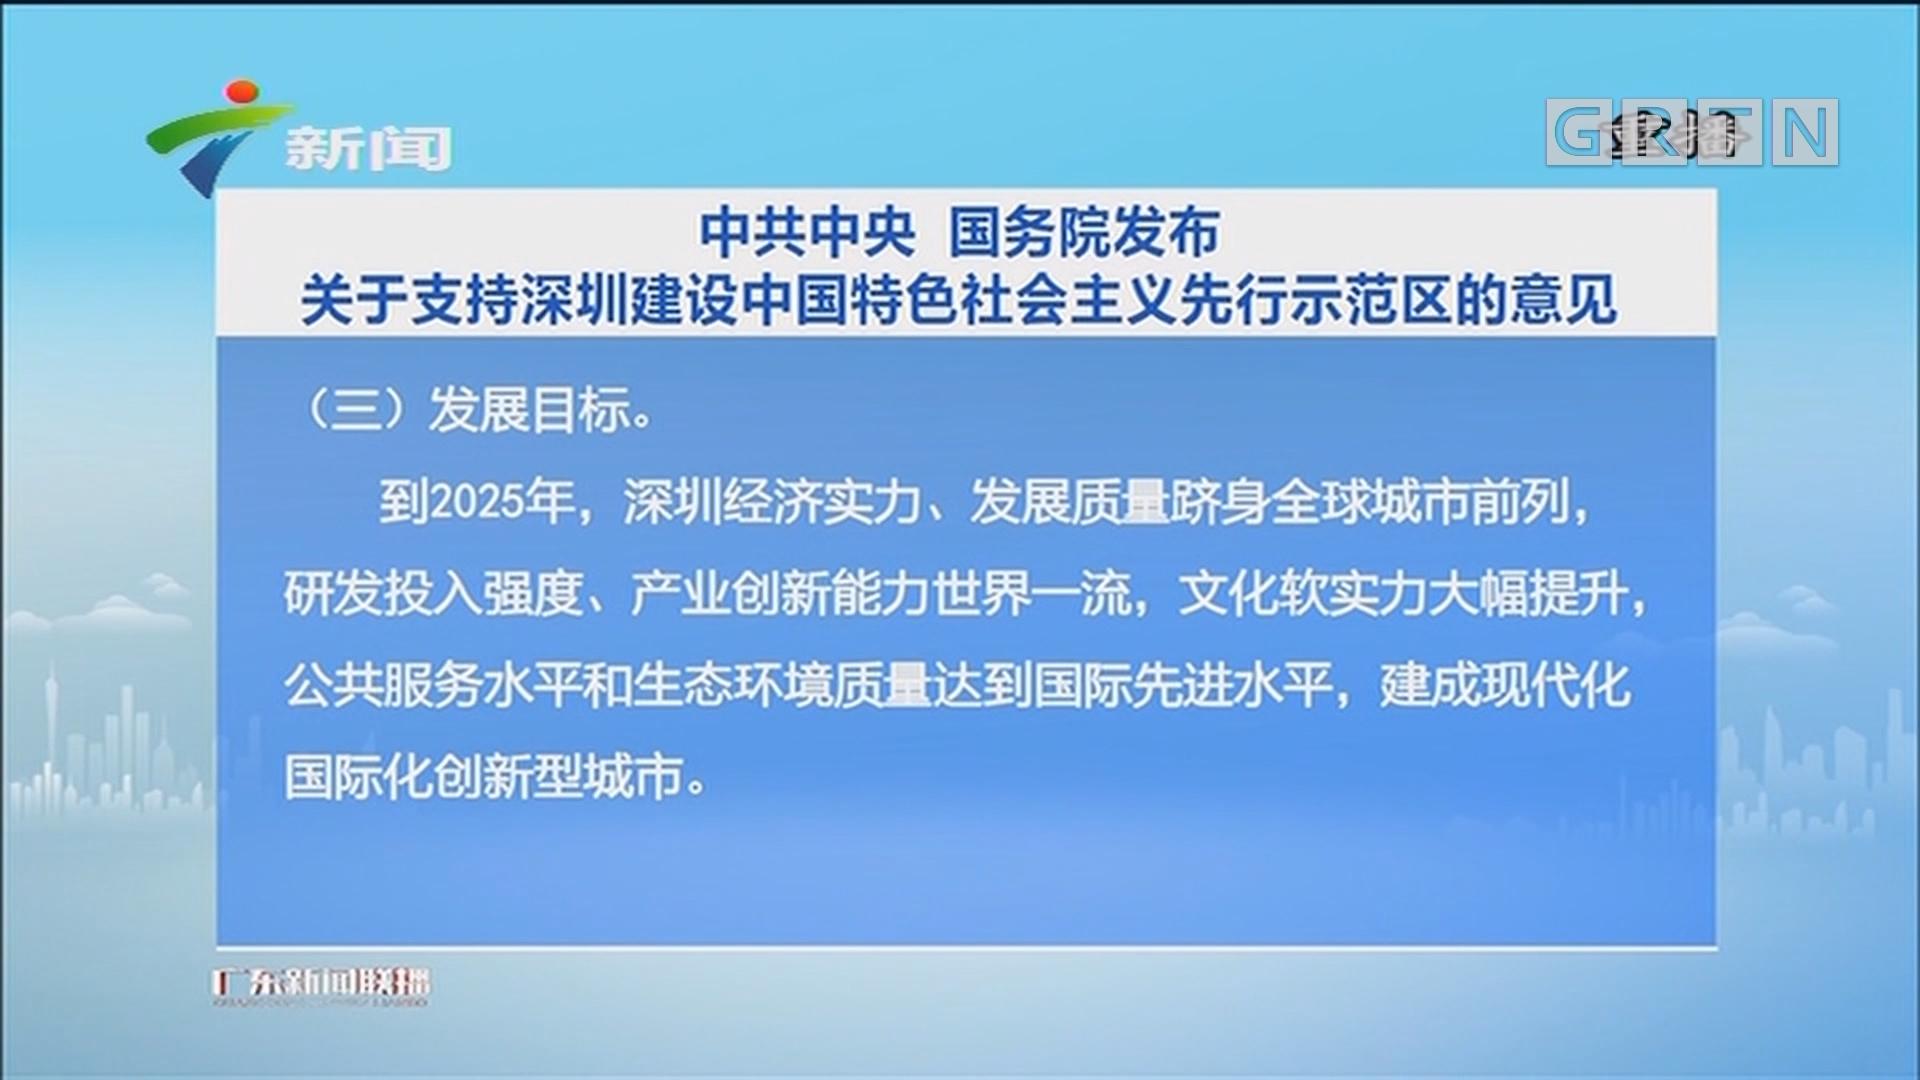 中共中央 国务院发布关于支持深圳建设中国特色社会主义先行示范区的意见